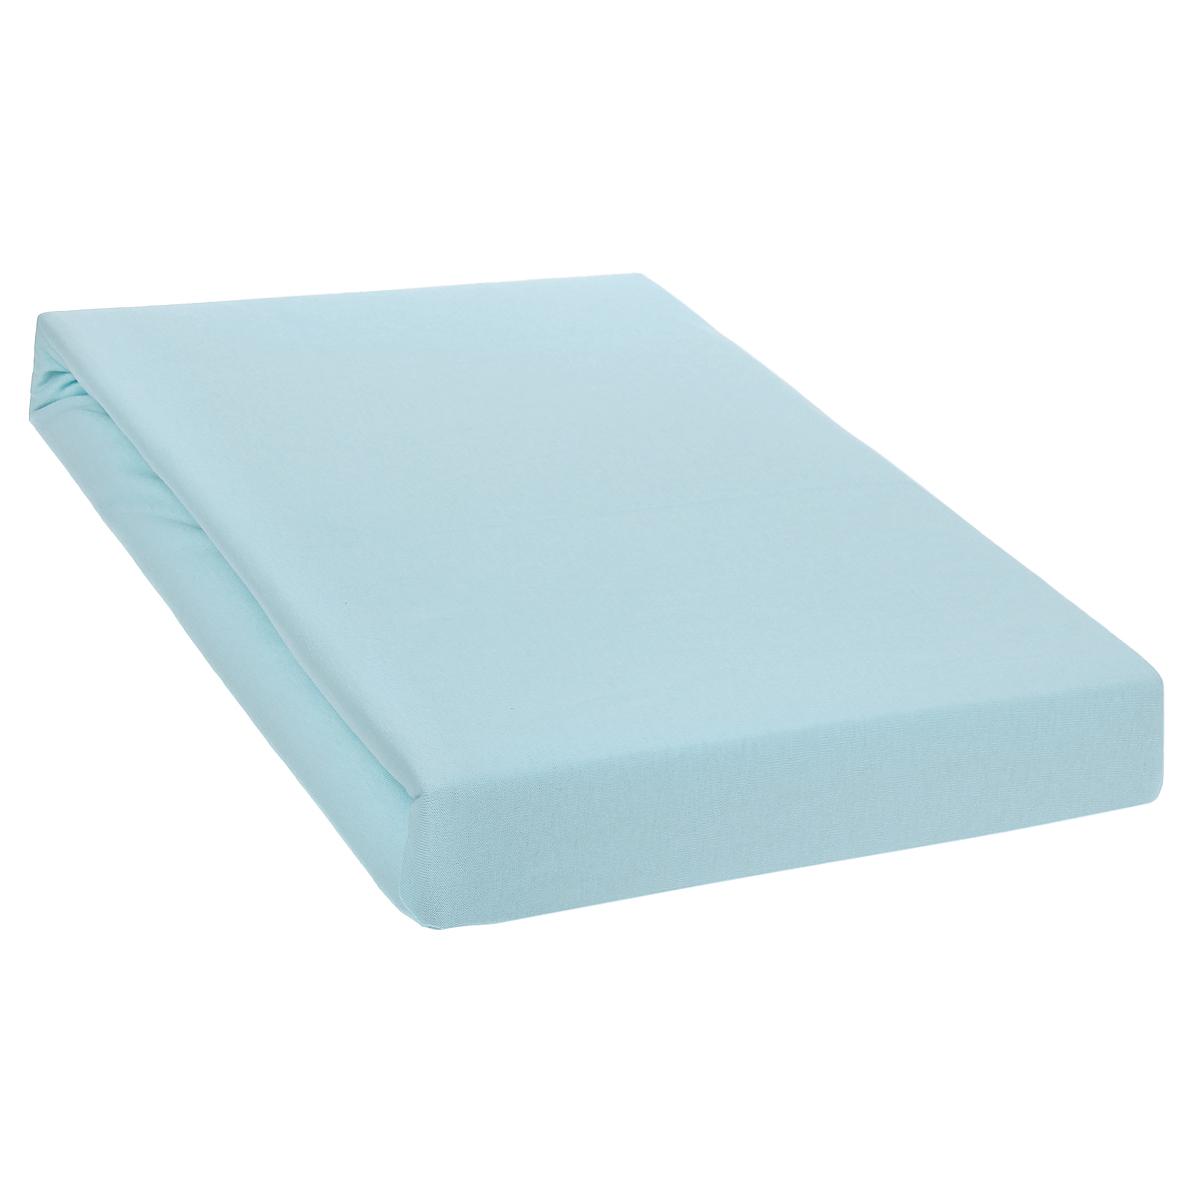 Простыня на резинке Tete-a-Tete, цвет: роса, 200 см х 200 смТ-ПР-3019Однотонная простыня на резинке Tete-a-Tete выполнена из натурального хлопка. Высочайшее качество материала гарантирует безопасность не только взрослых, но и самых маленьких членов семьи. Простыня гармонично впишется в интерьер вашего дома и создаст атмосферу уюта и комфорта.Особенности коллекции Tete-a-Tete:- выдерживает более 100 стирок практически без изменения внешнего вида,- модные цвета и стойкие оттенки,- минимальная усадка,- надежные резинки и износостойкая ткань,- безупречное качество,- гиппоаллергенно.Коллекция Tete-a-Tete специально создана для практичных людей, которые ценят качество и долговечность вещей, окружают своих близких теплотой и заботой.